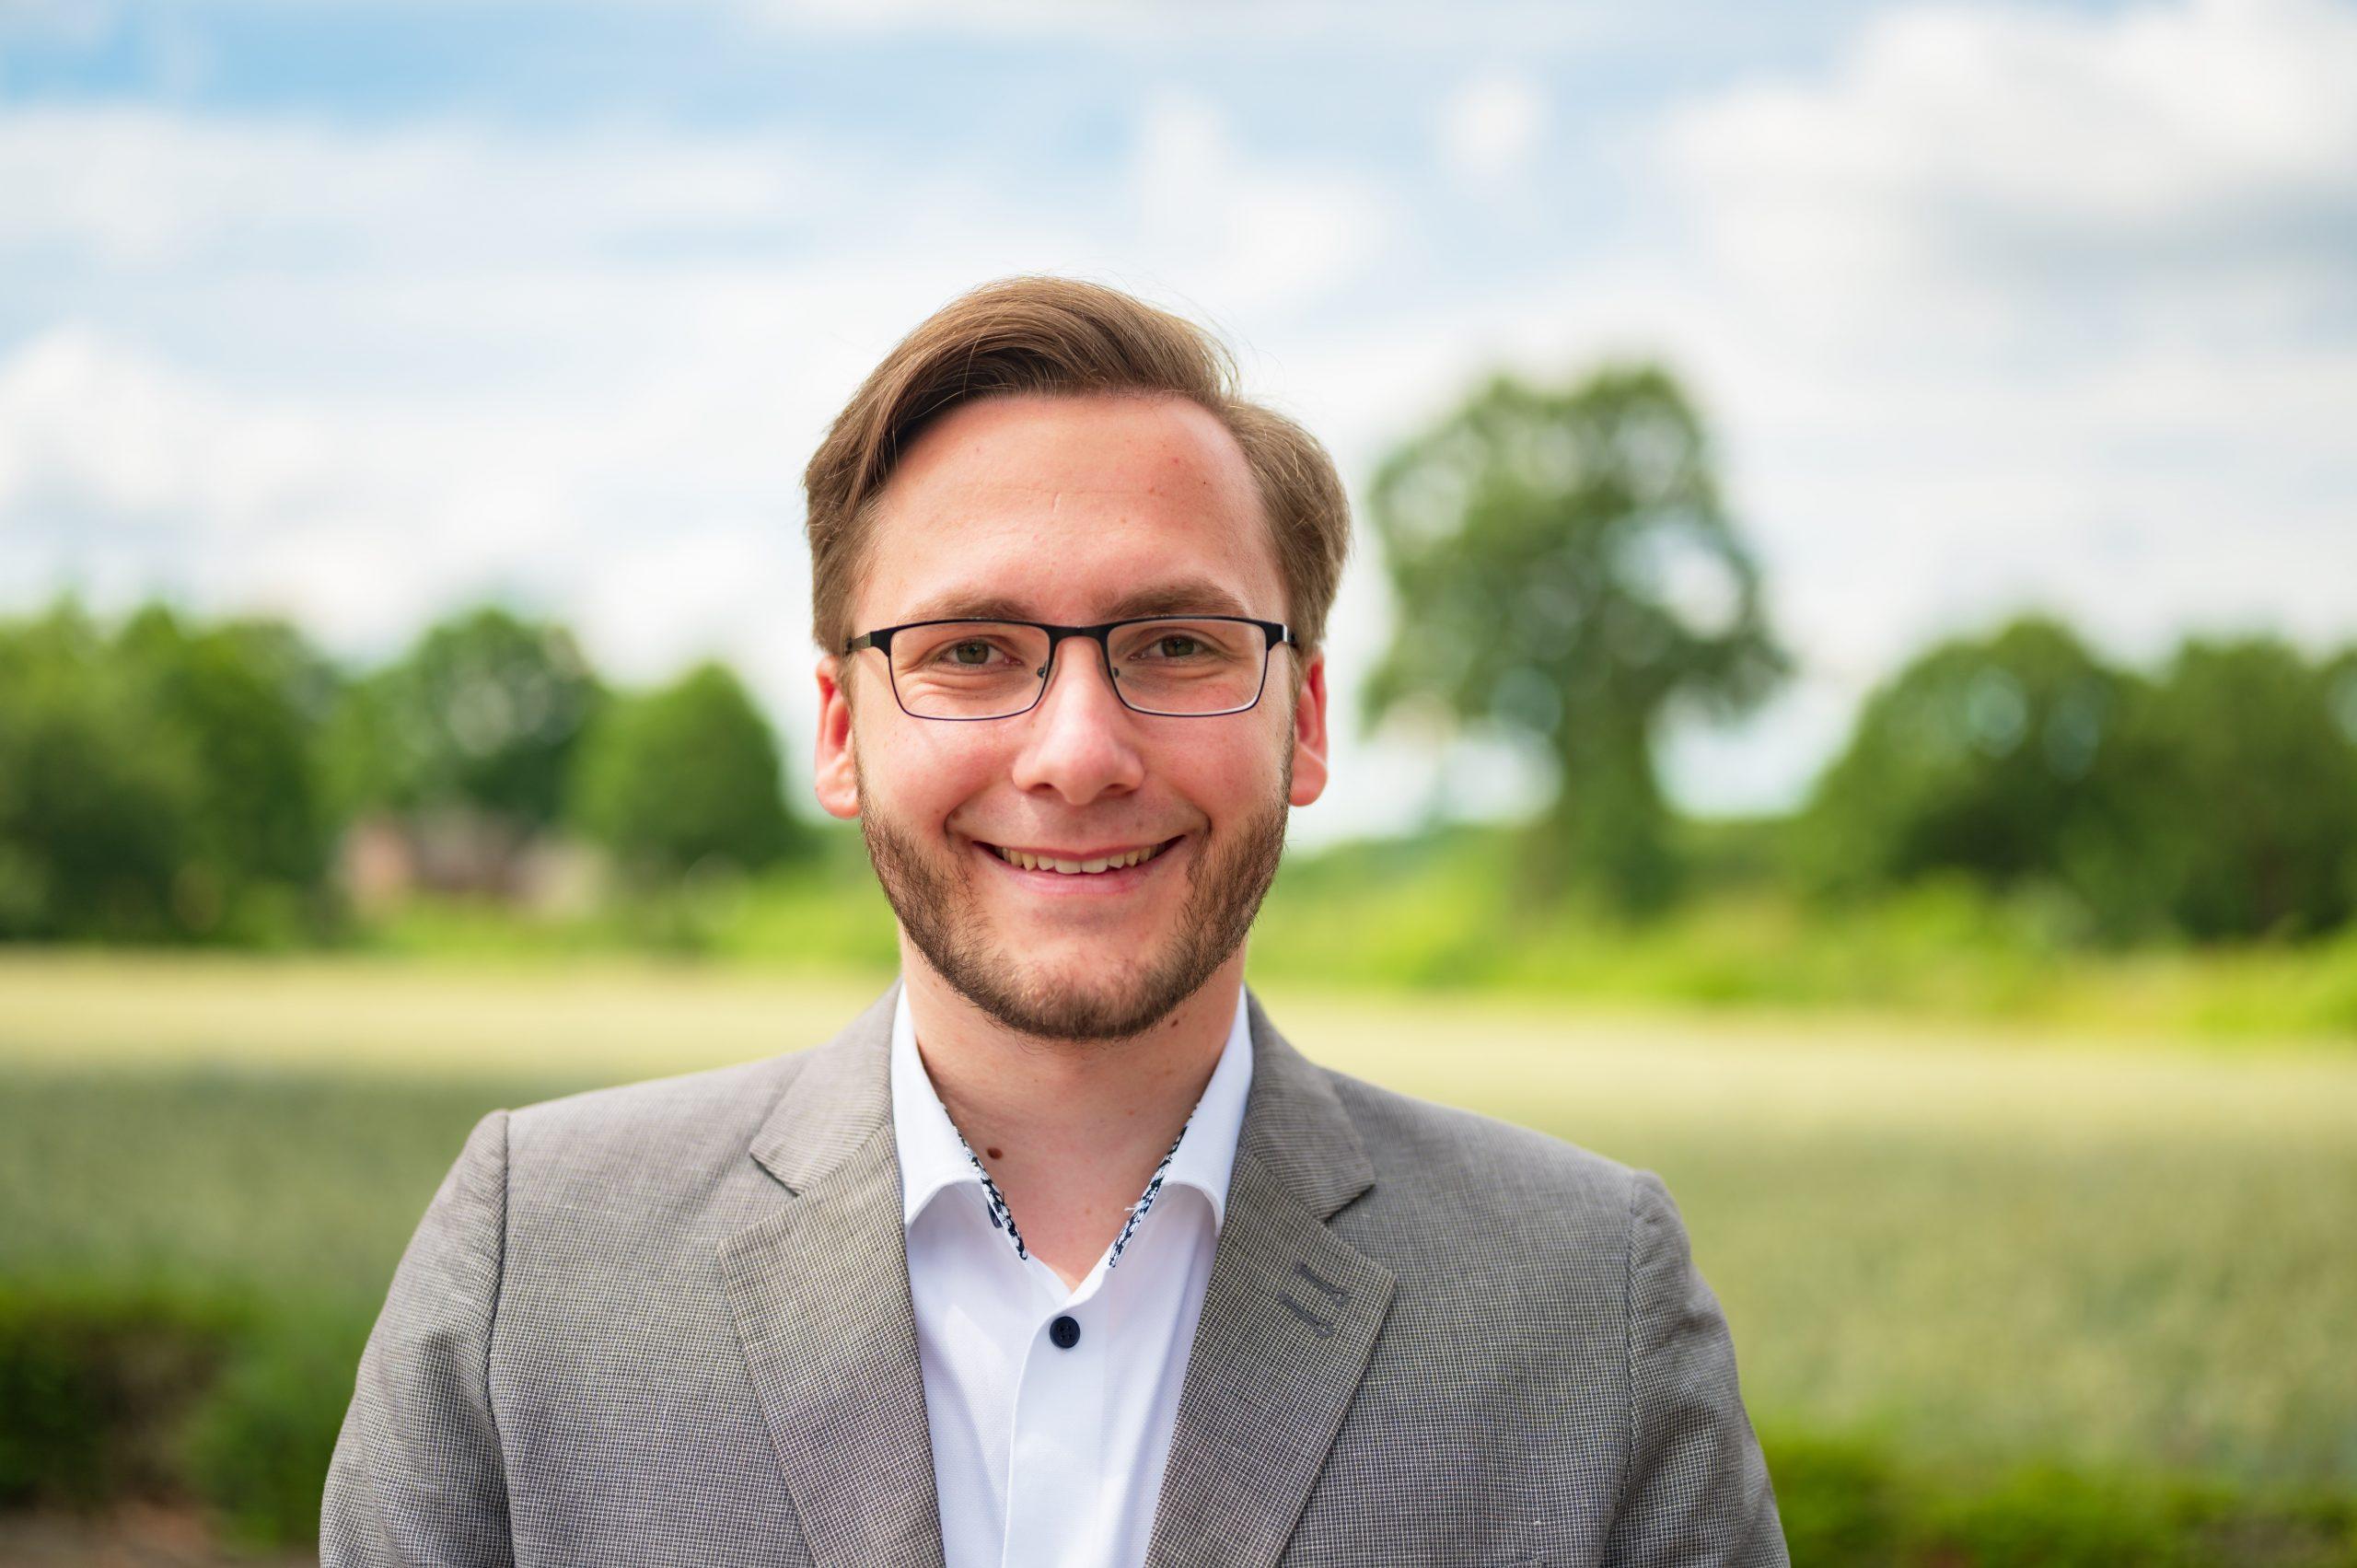 Benedikt Lechtenberg ist seit November 2020 Mitglied des Gemeinderates und setzt sich als Vorsitzender des Schul- und Jugendausschusses für legale Mountainbikestrecken in Hünxe ein.